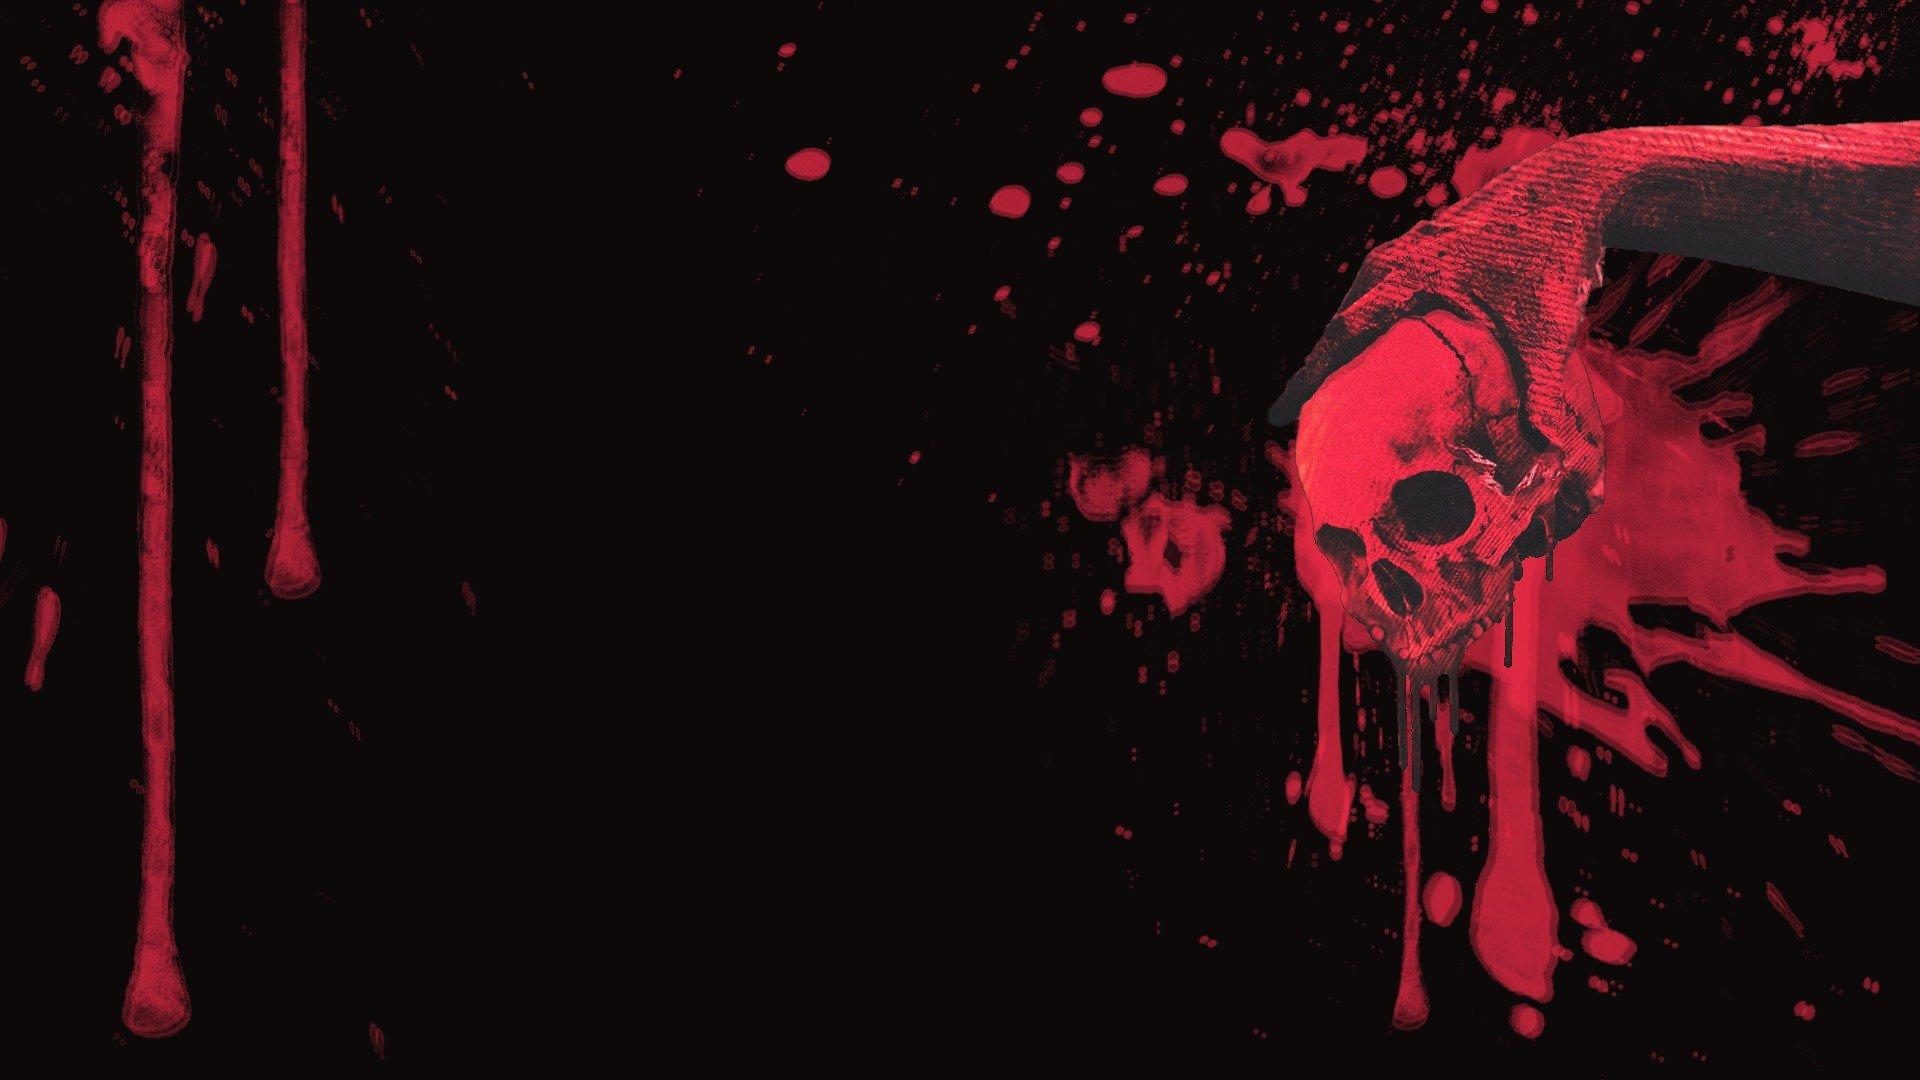 вообще картинки для рабочего стола кровавое соборную надо